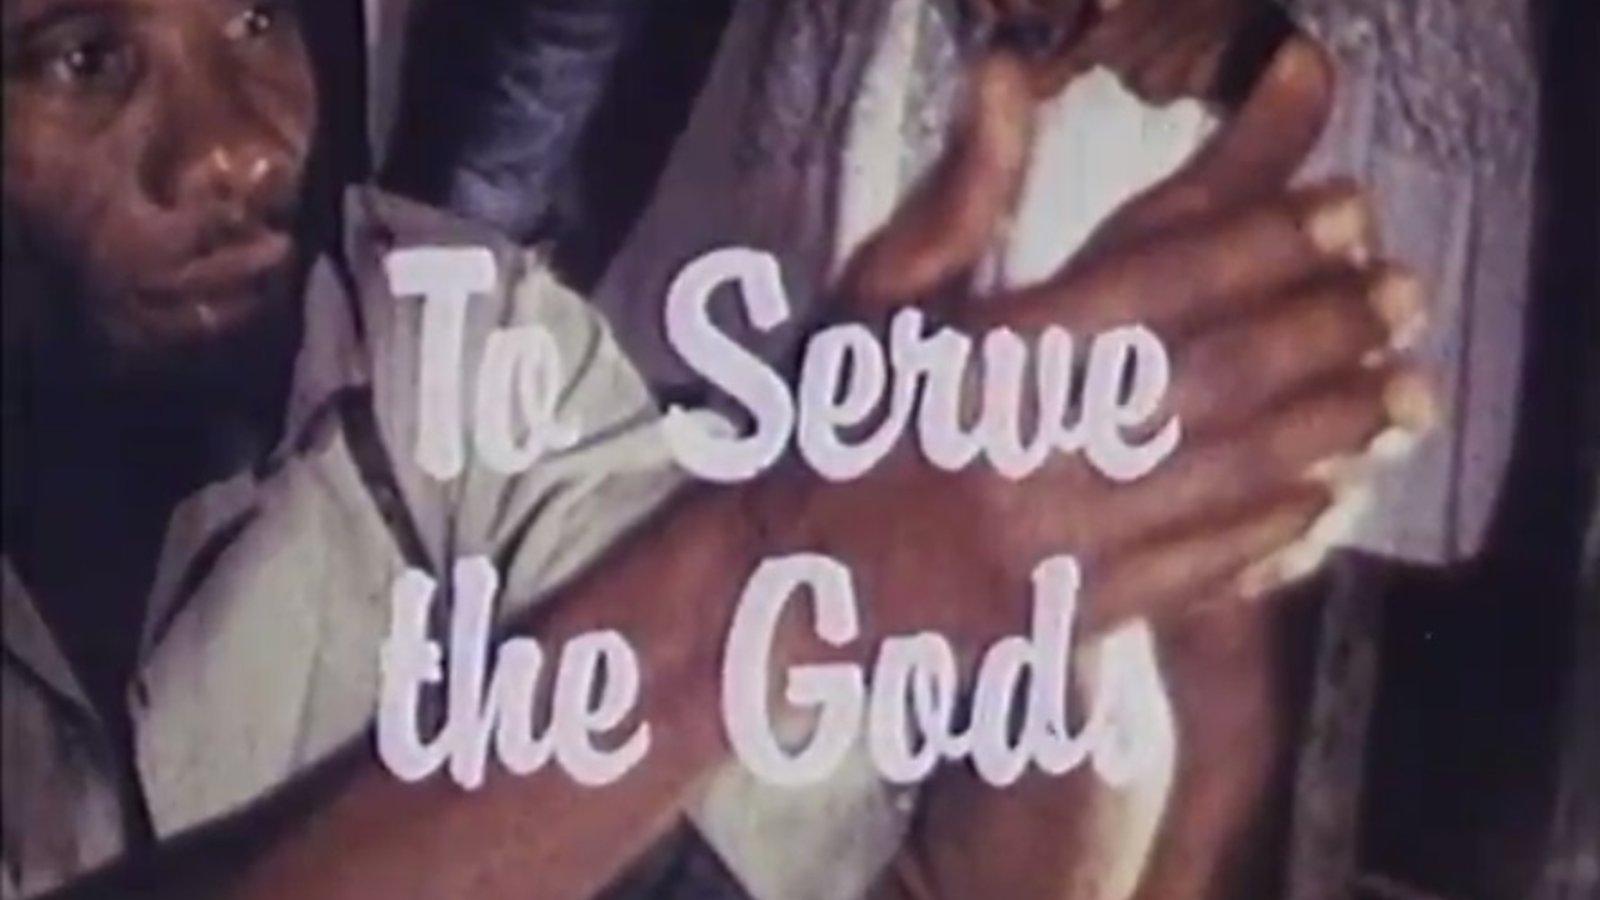 To Serve the Gods